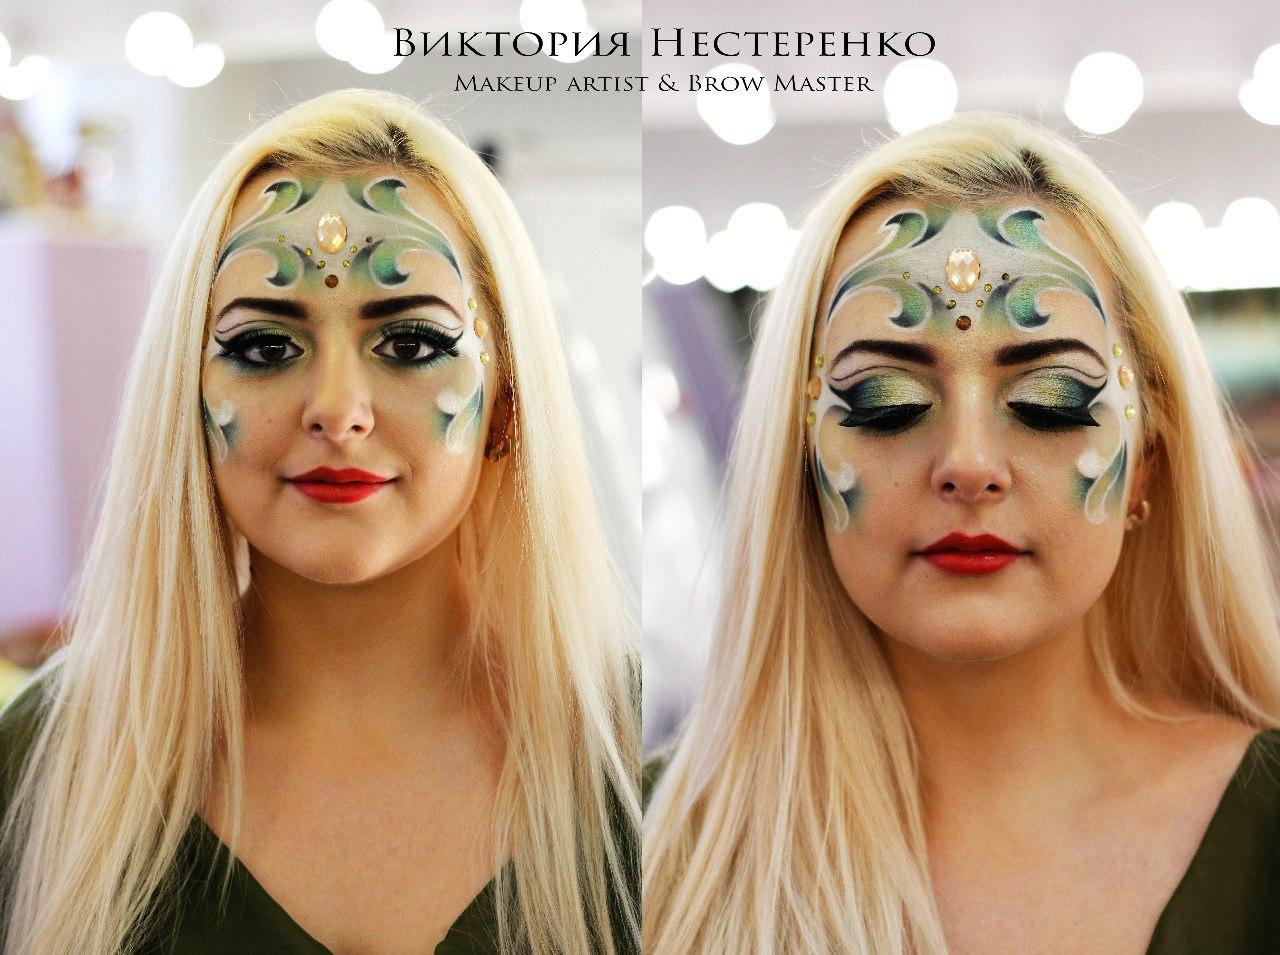 Дипломные работы по макияжу